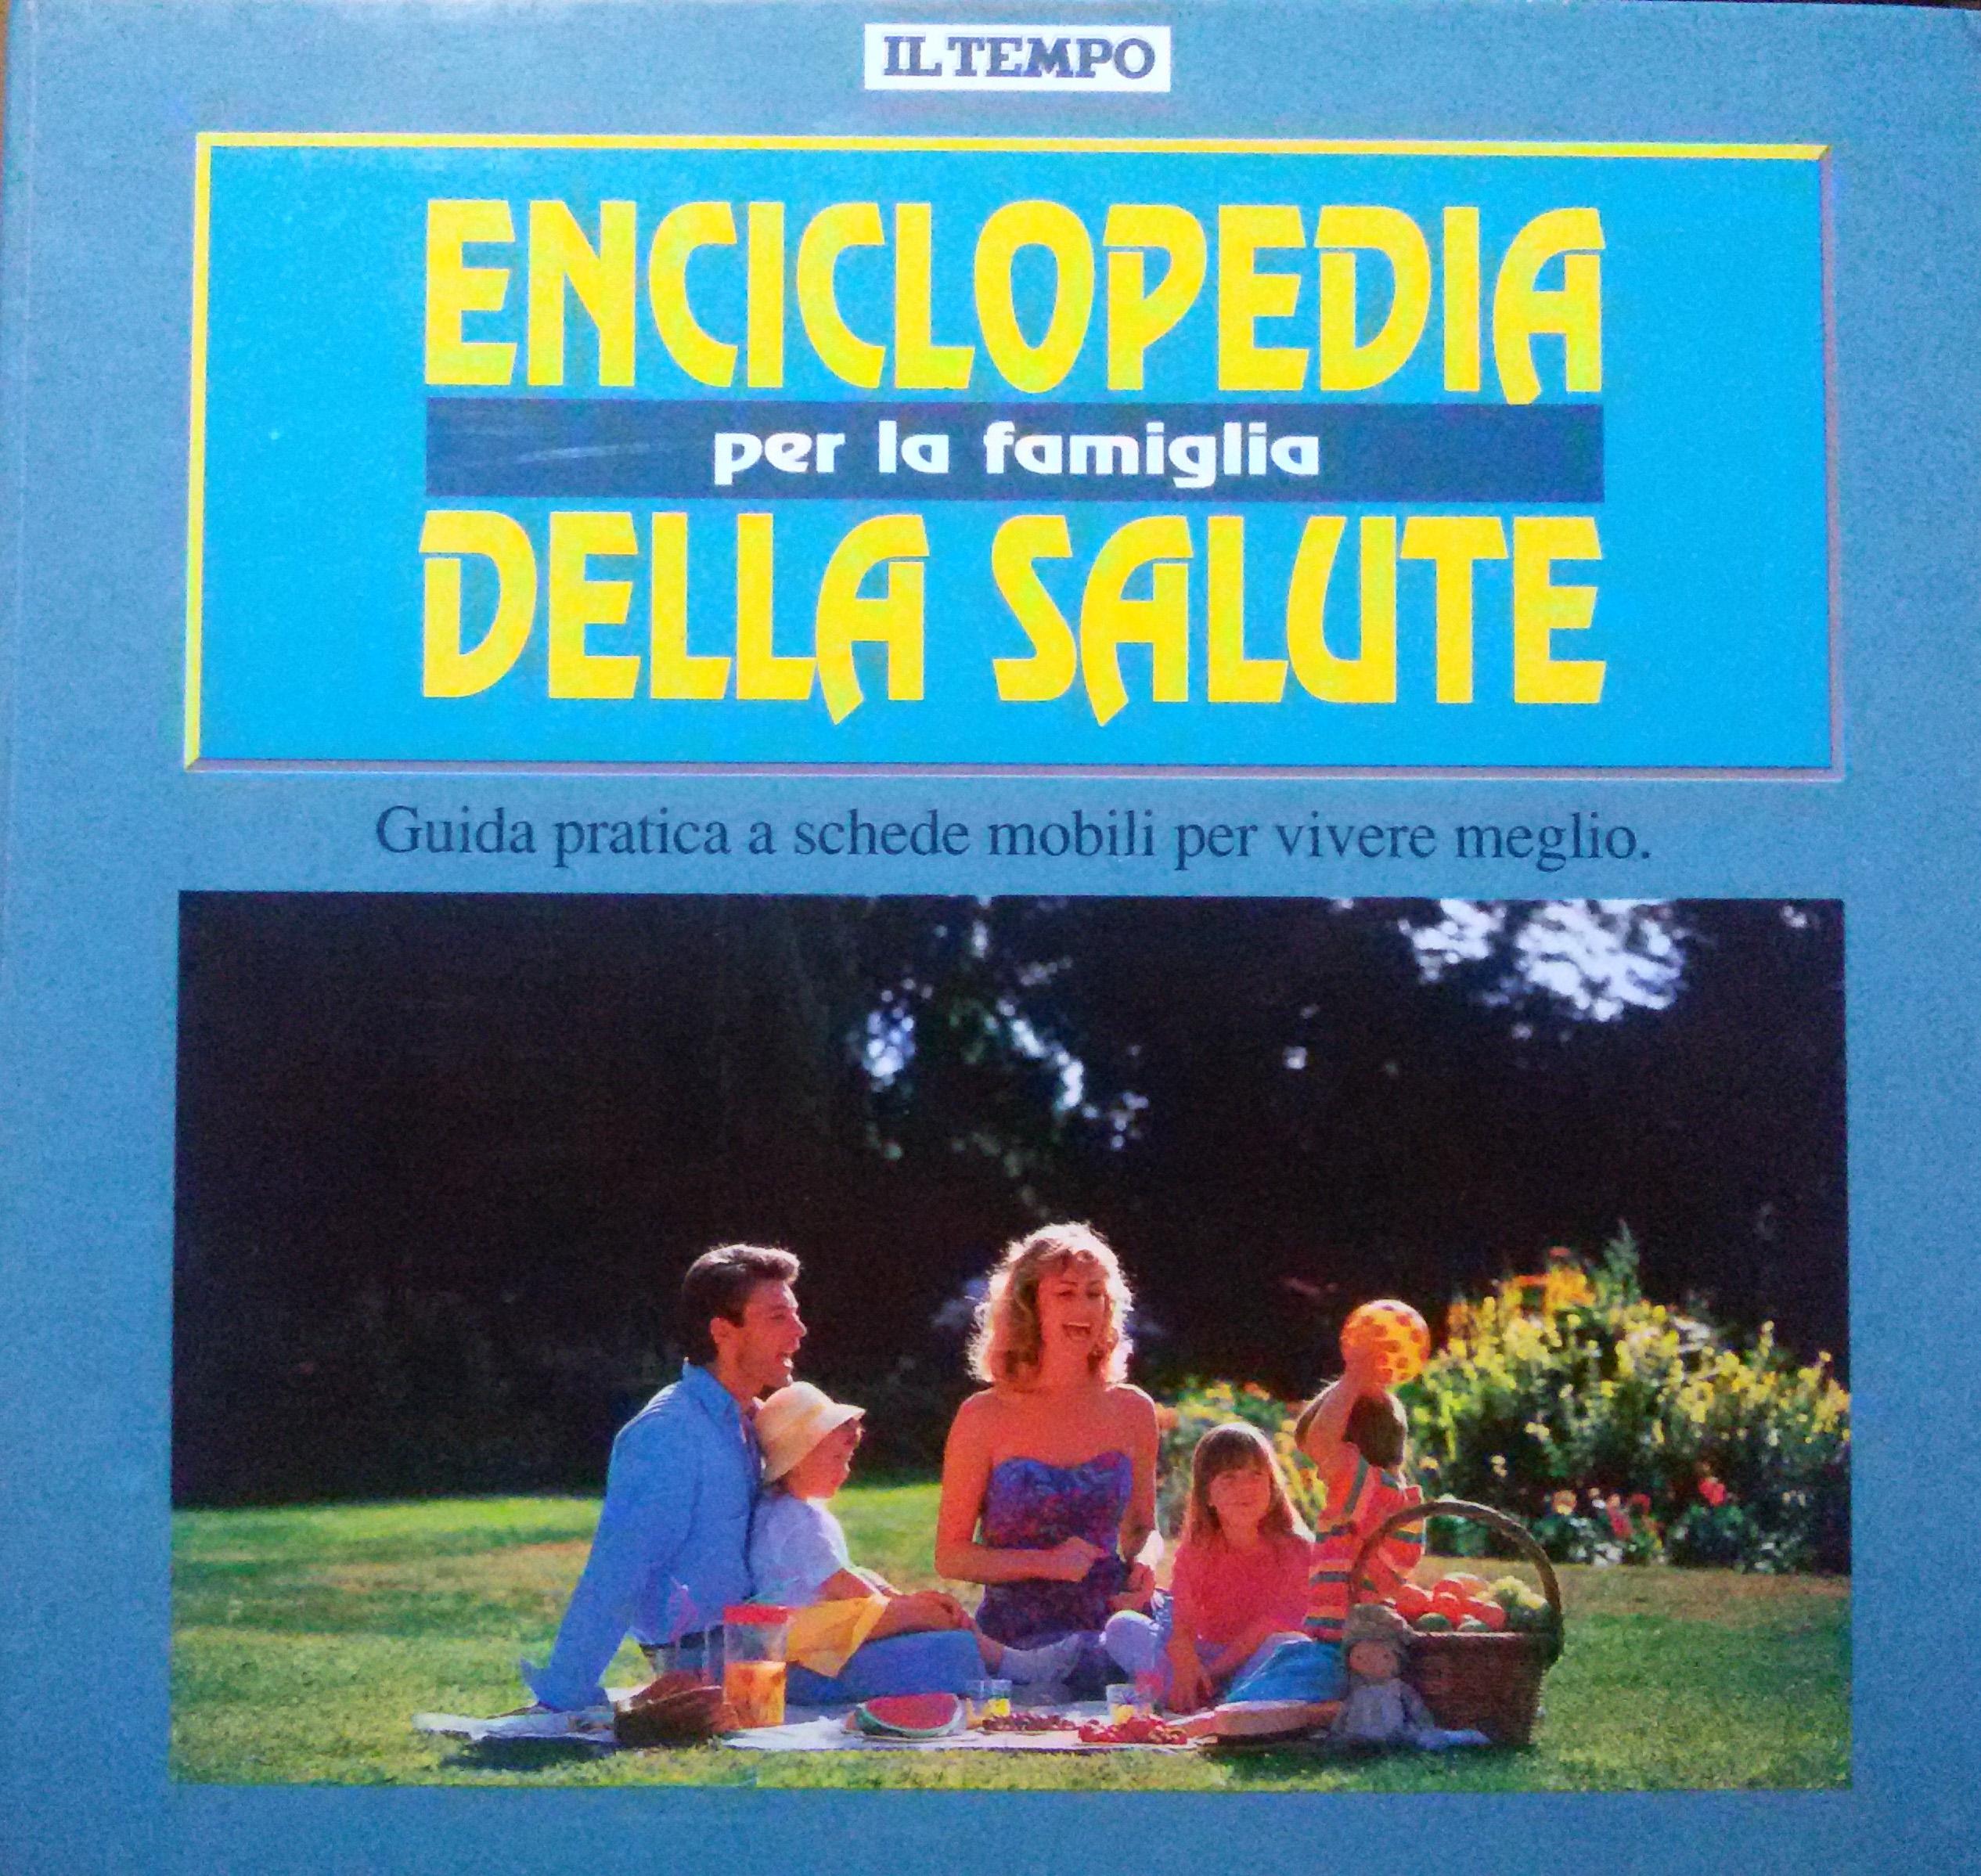 Enciclopedia della salute per la famiglia